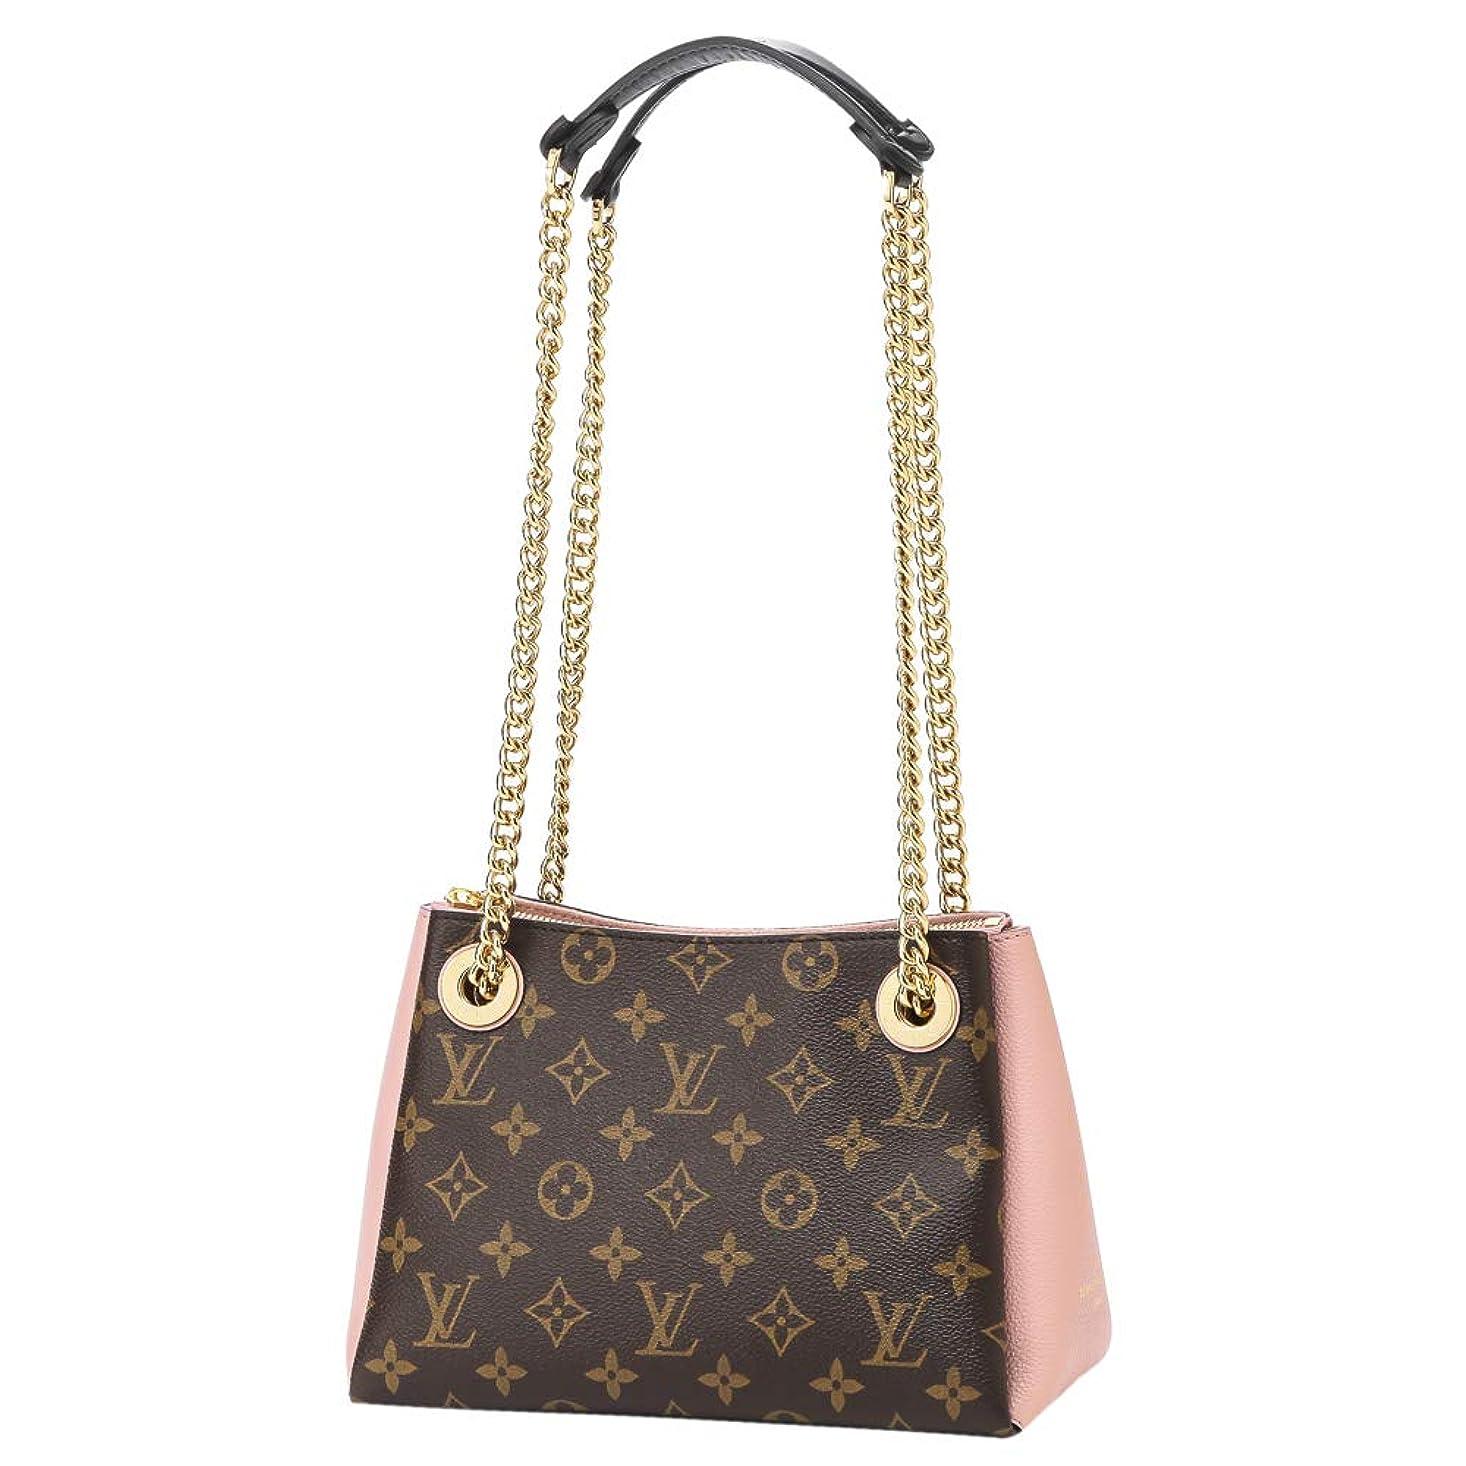 郡女王マーカールイヴィトン(Louis Vuitton) ハンドバッグ M43777 モノグラム ブラウン 茶/ピンク [並行輸入品]